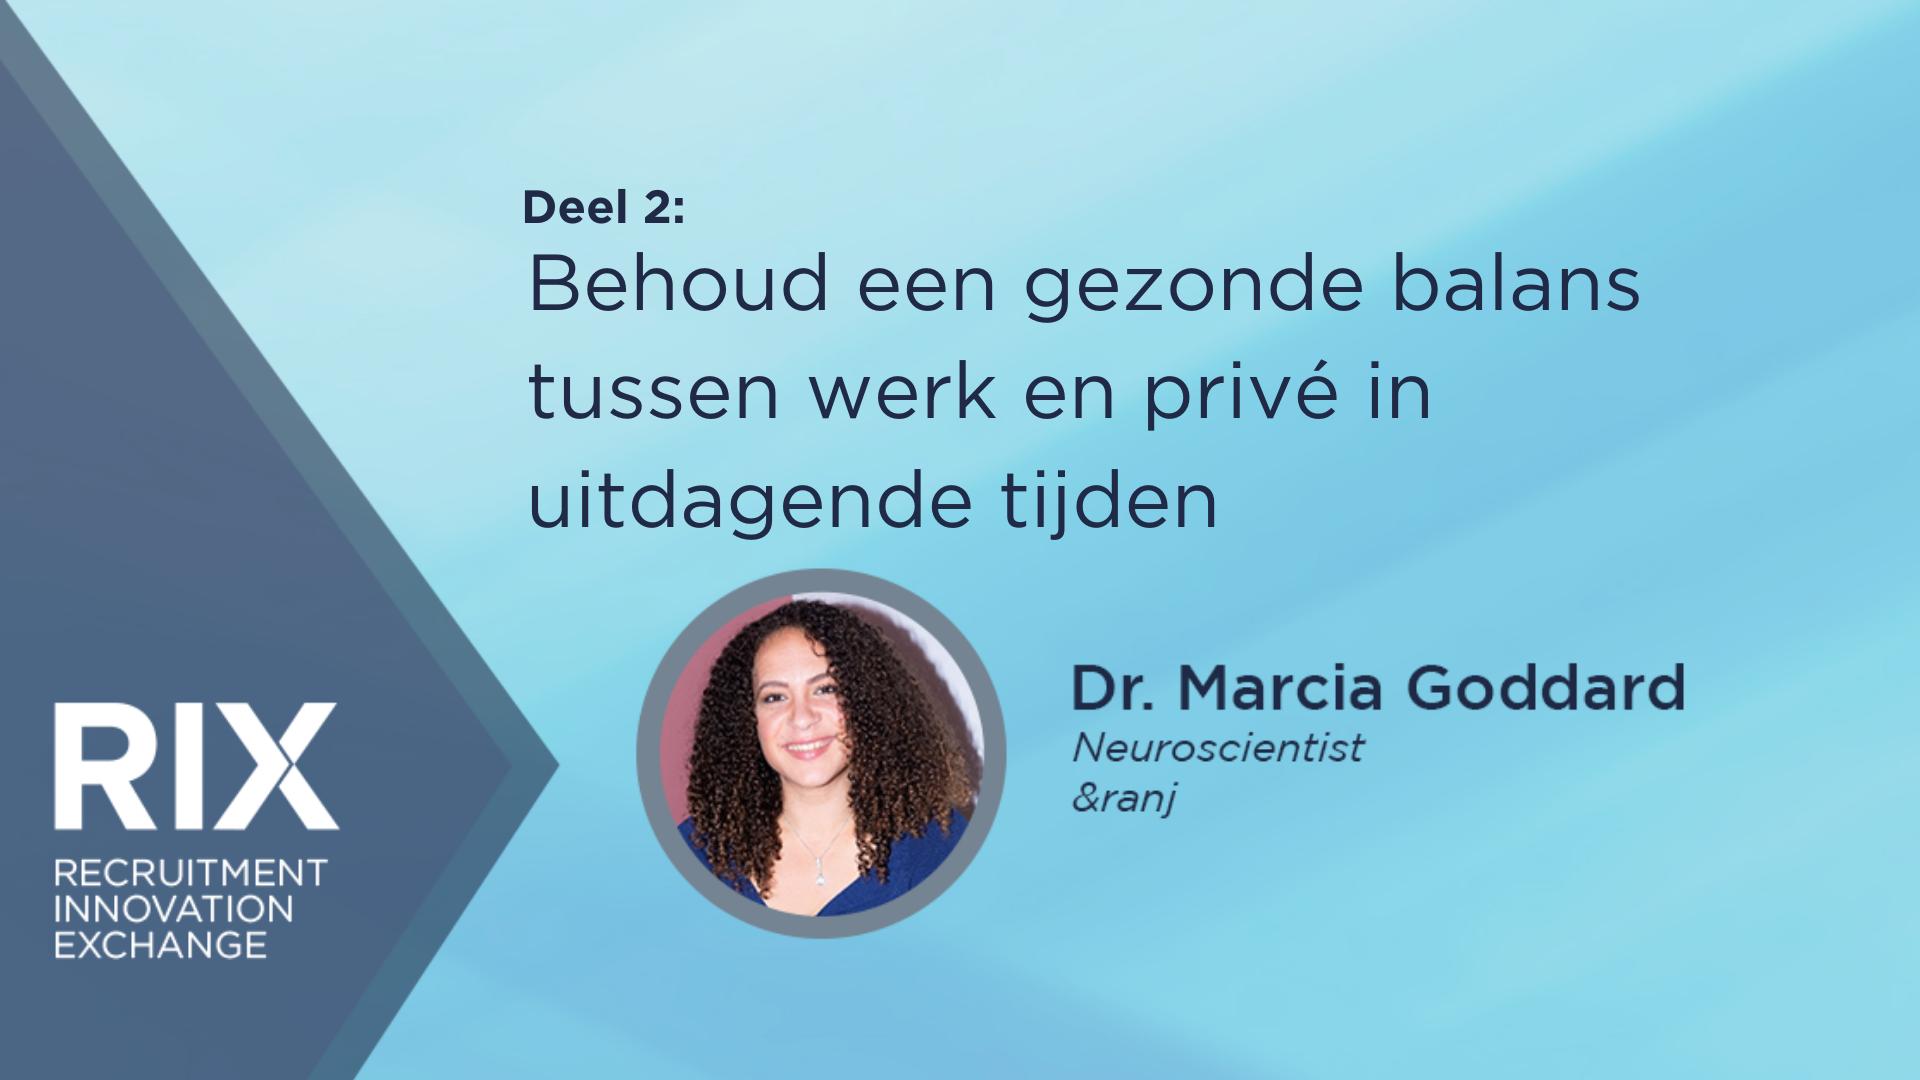 gezonde_wek_en_prive_balans